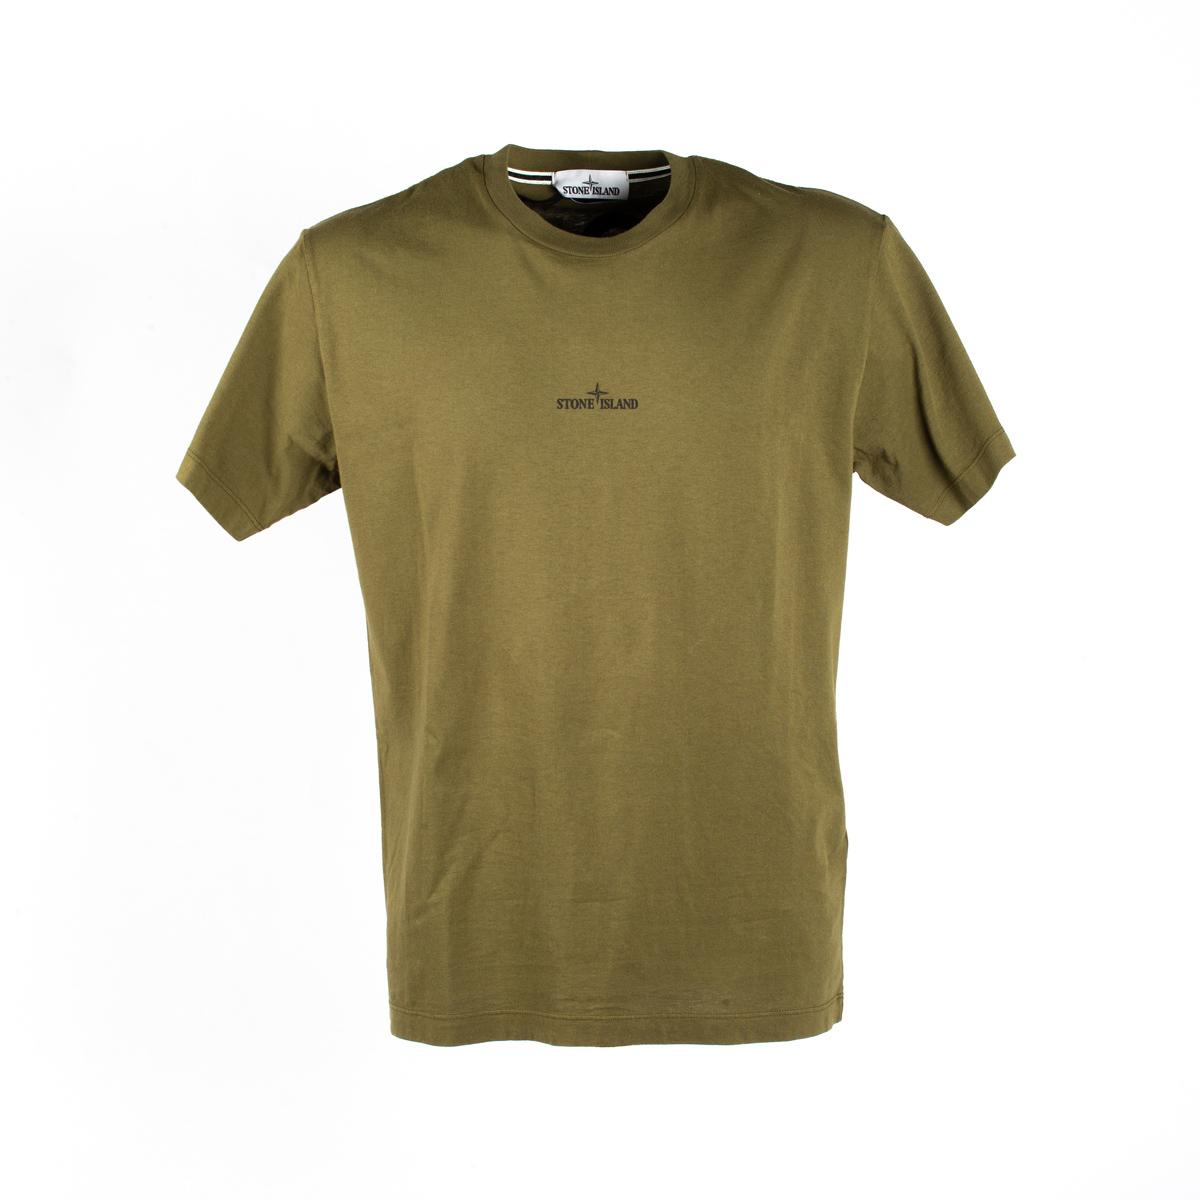 T-shirt Stone Island Oliva